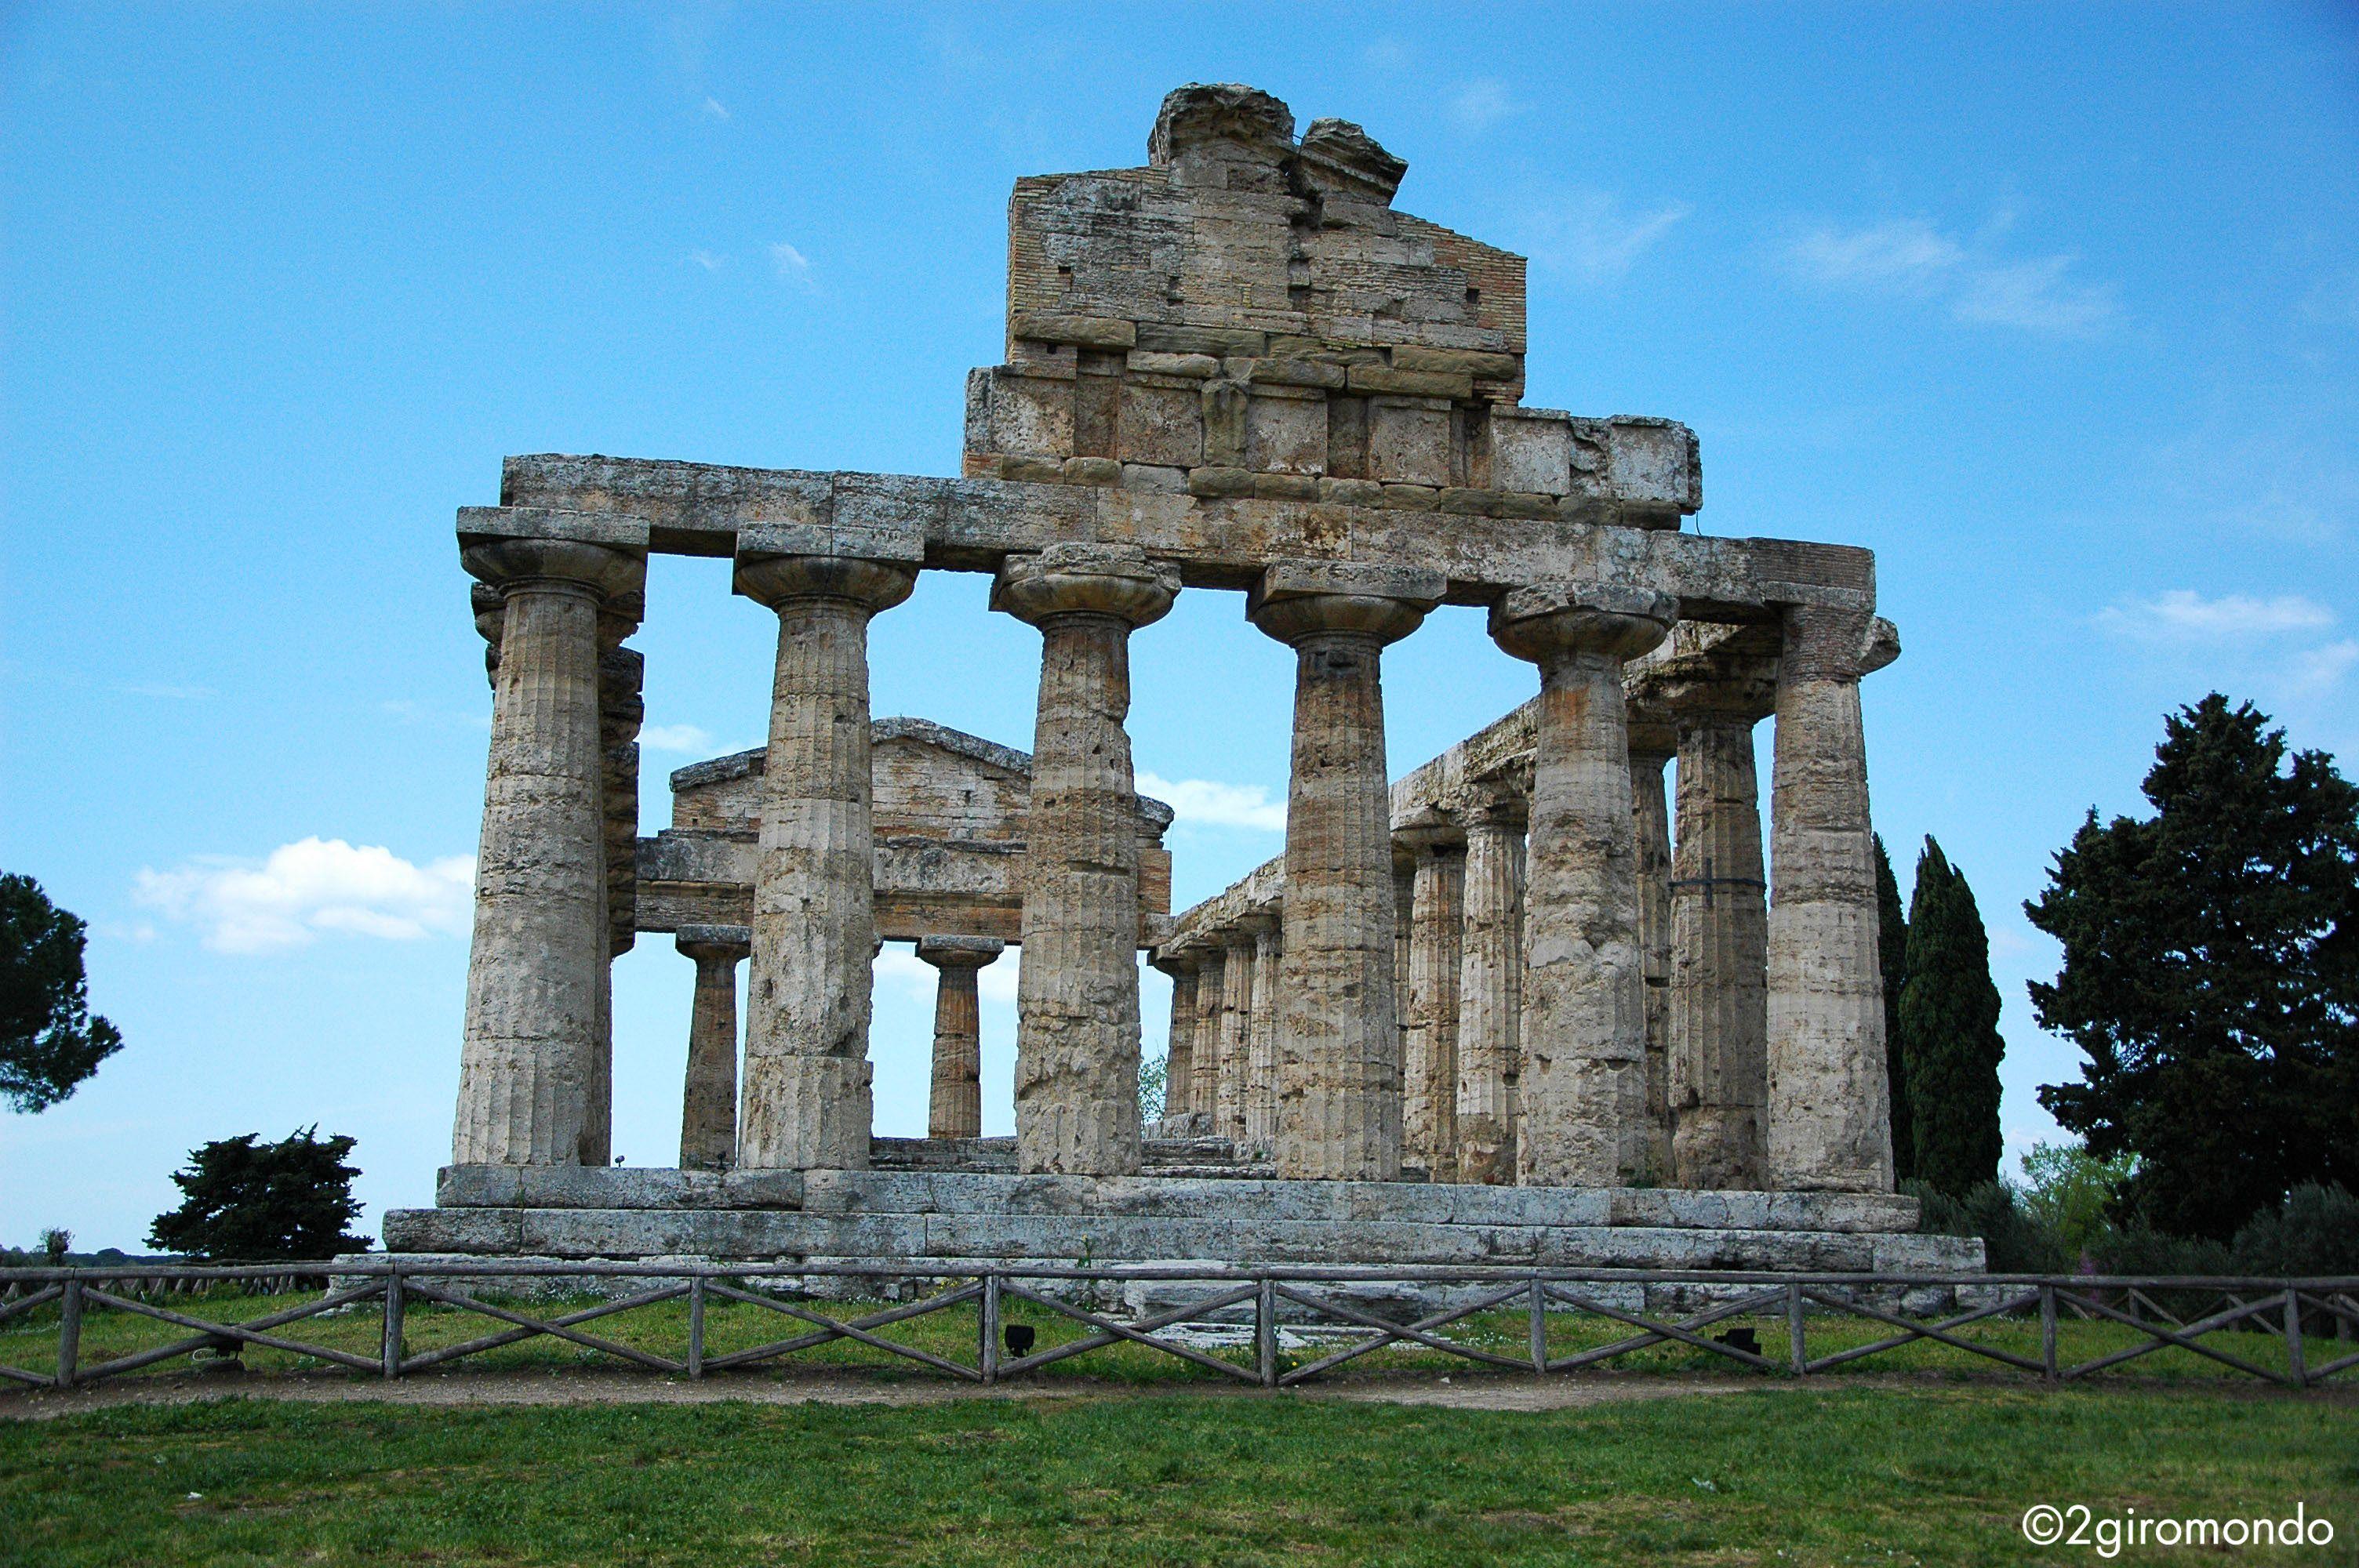 Il tempio di Atena o tempio di Cerere (circa 500 a.C.) è un tempio greco. Presenta in facciata un alto frontone e un fregio dorico, composto da ampi blocchi di calcare. Sembra essere il primo esempio della presenza dei due ordini, dorico e ionico, nello stesso edificio. Tradizionalmente il tempio era stato attribuito a Cerere ma in seguito al ritrovamento di numerose statuette in terracotta che raffigurano Atena, si propende per una dedica a questa divinità.